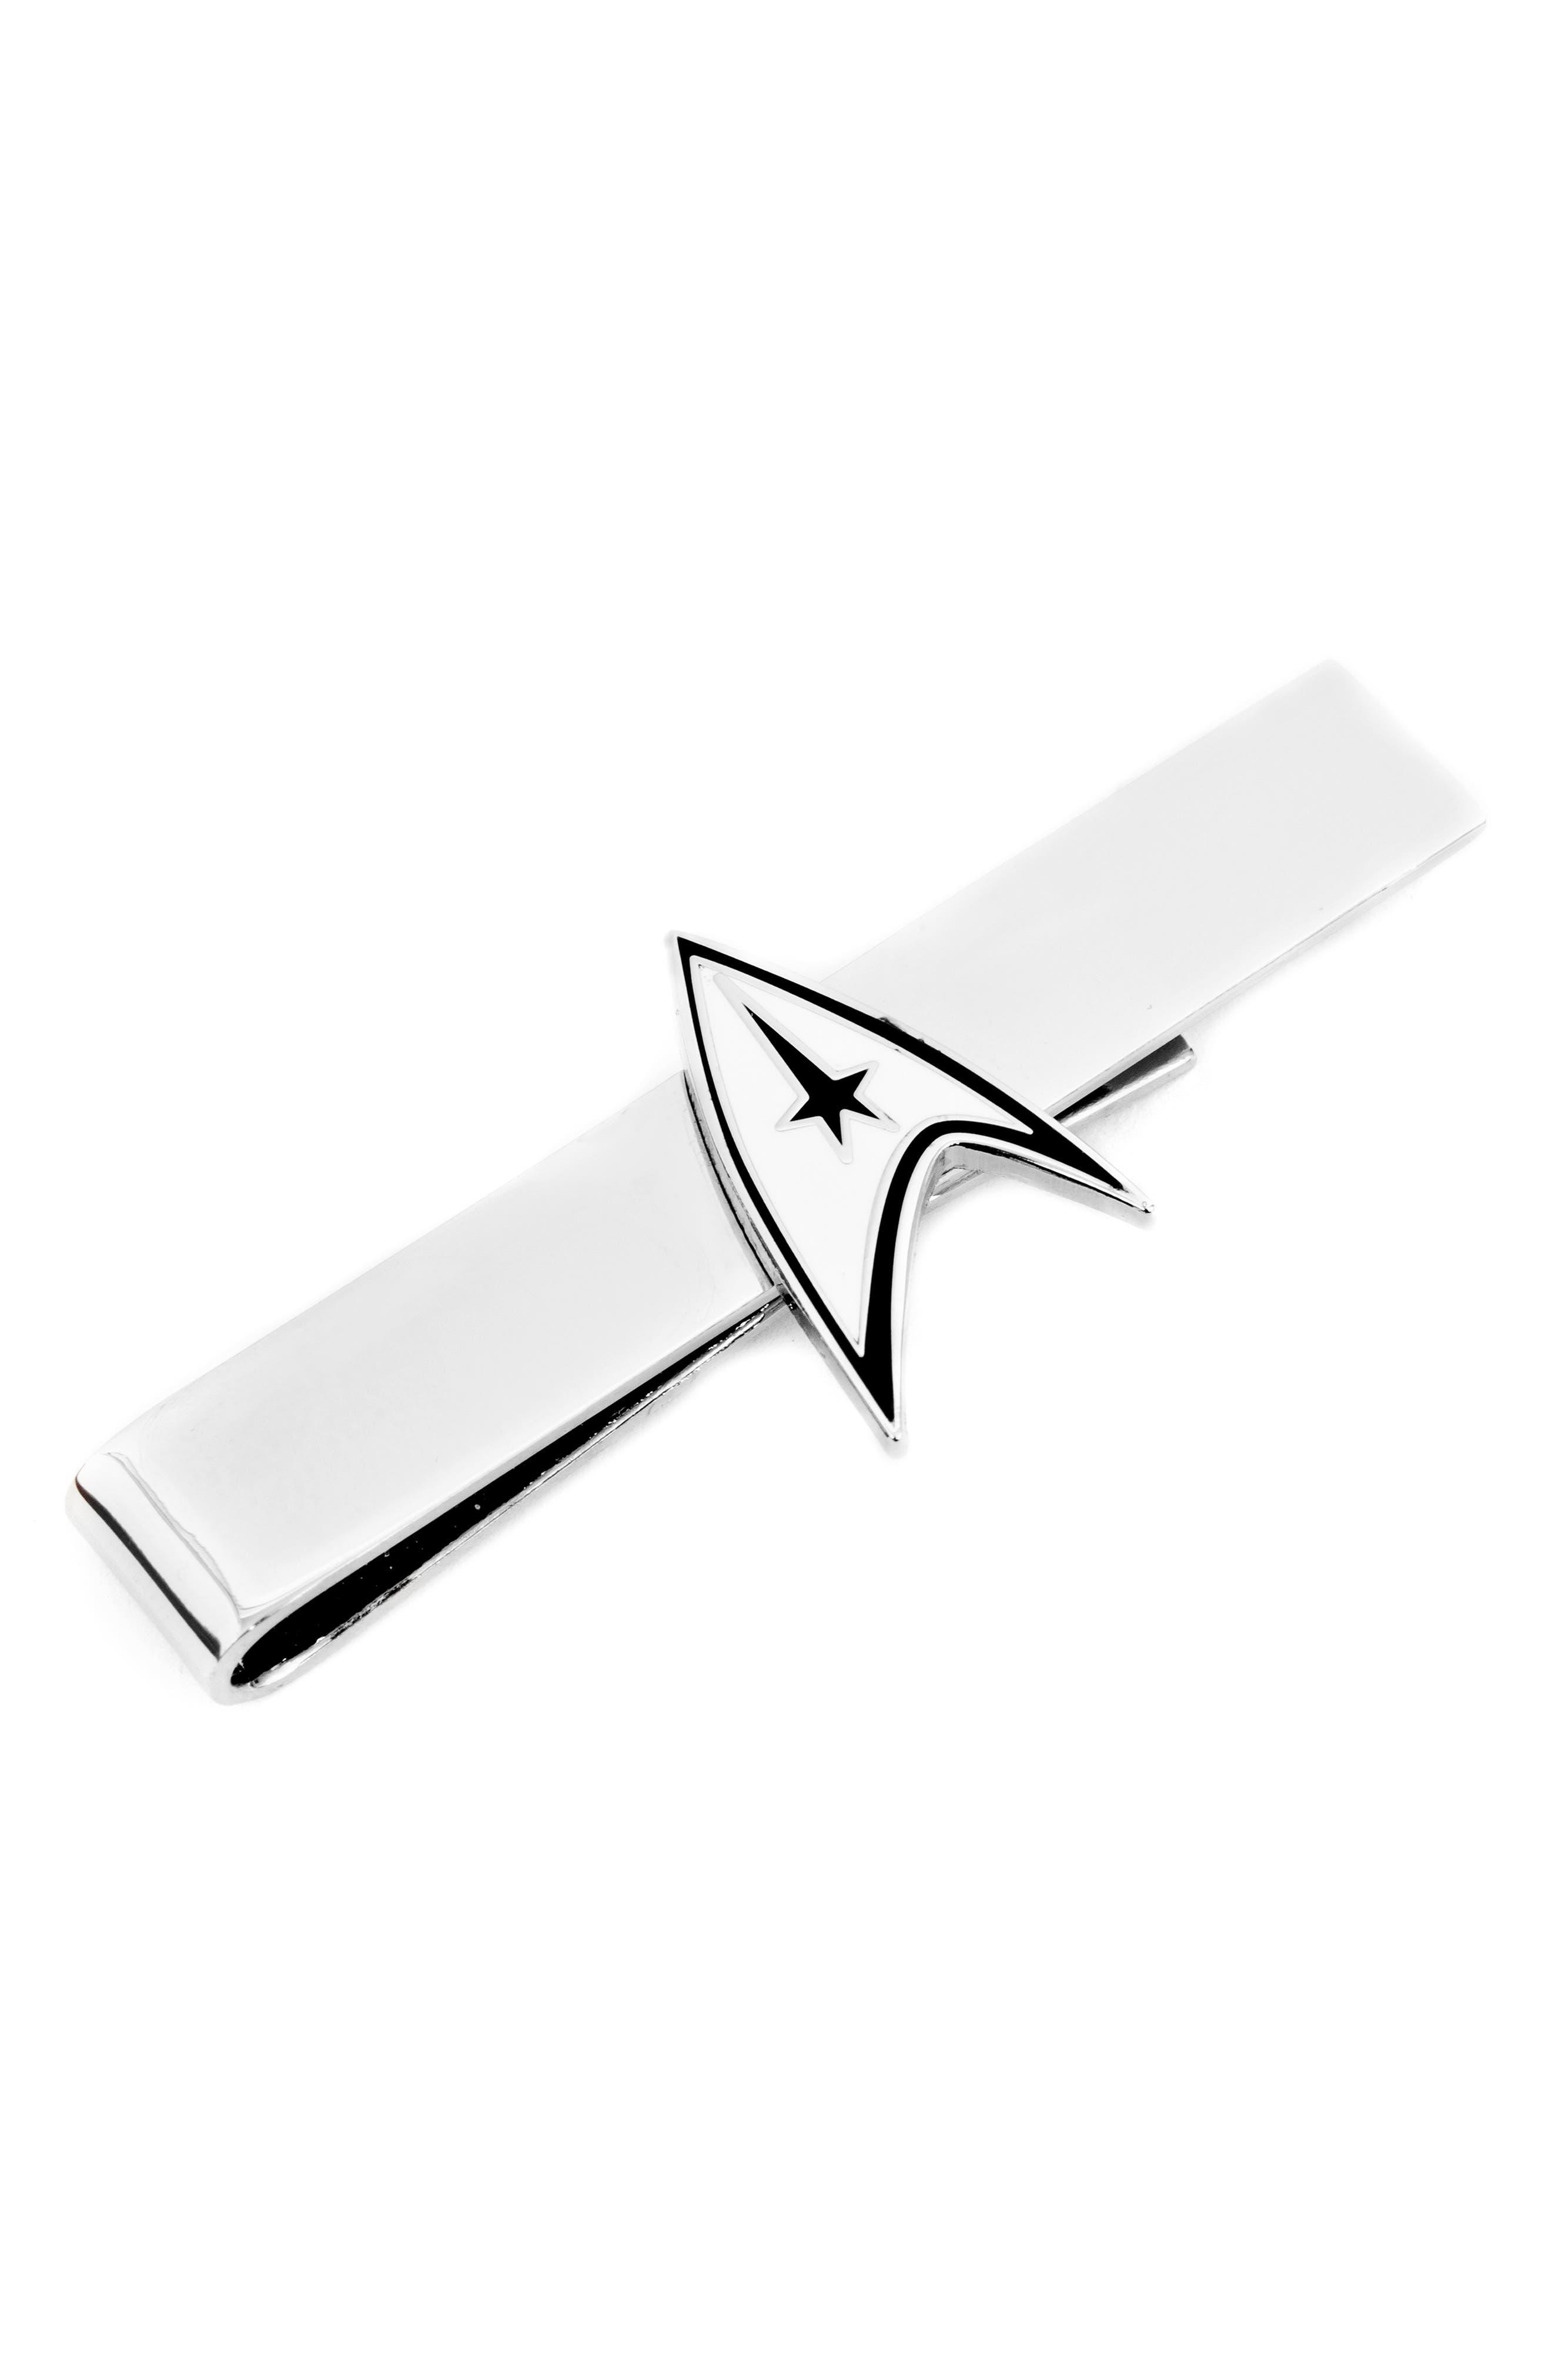 CUFFLINKS, INC. 'Star Trek' Delta Shield Tie Bar, Main, color, SILVER